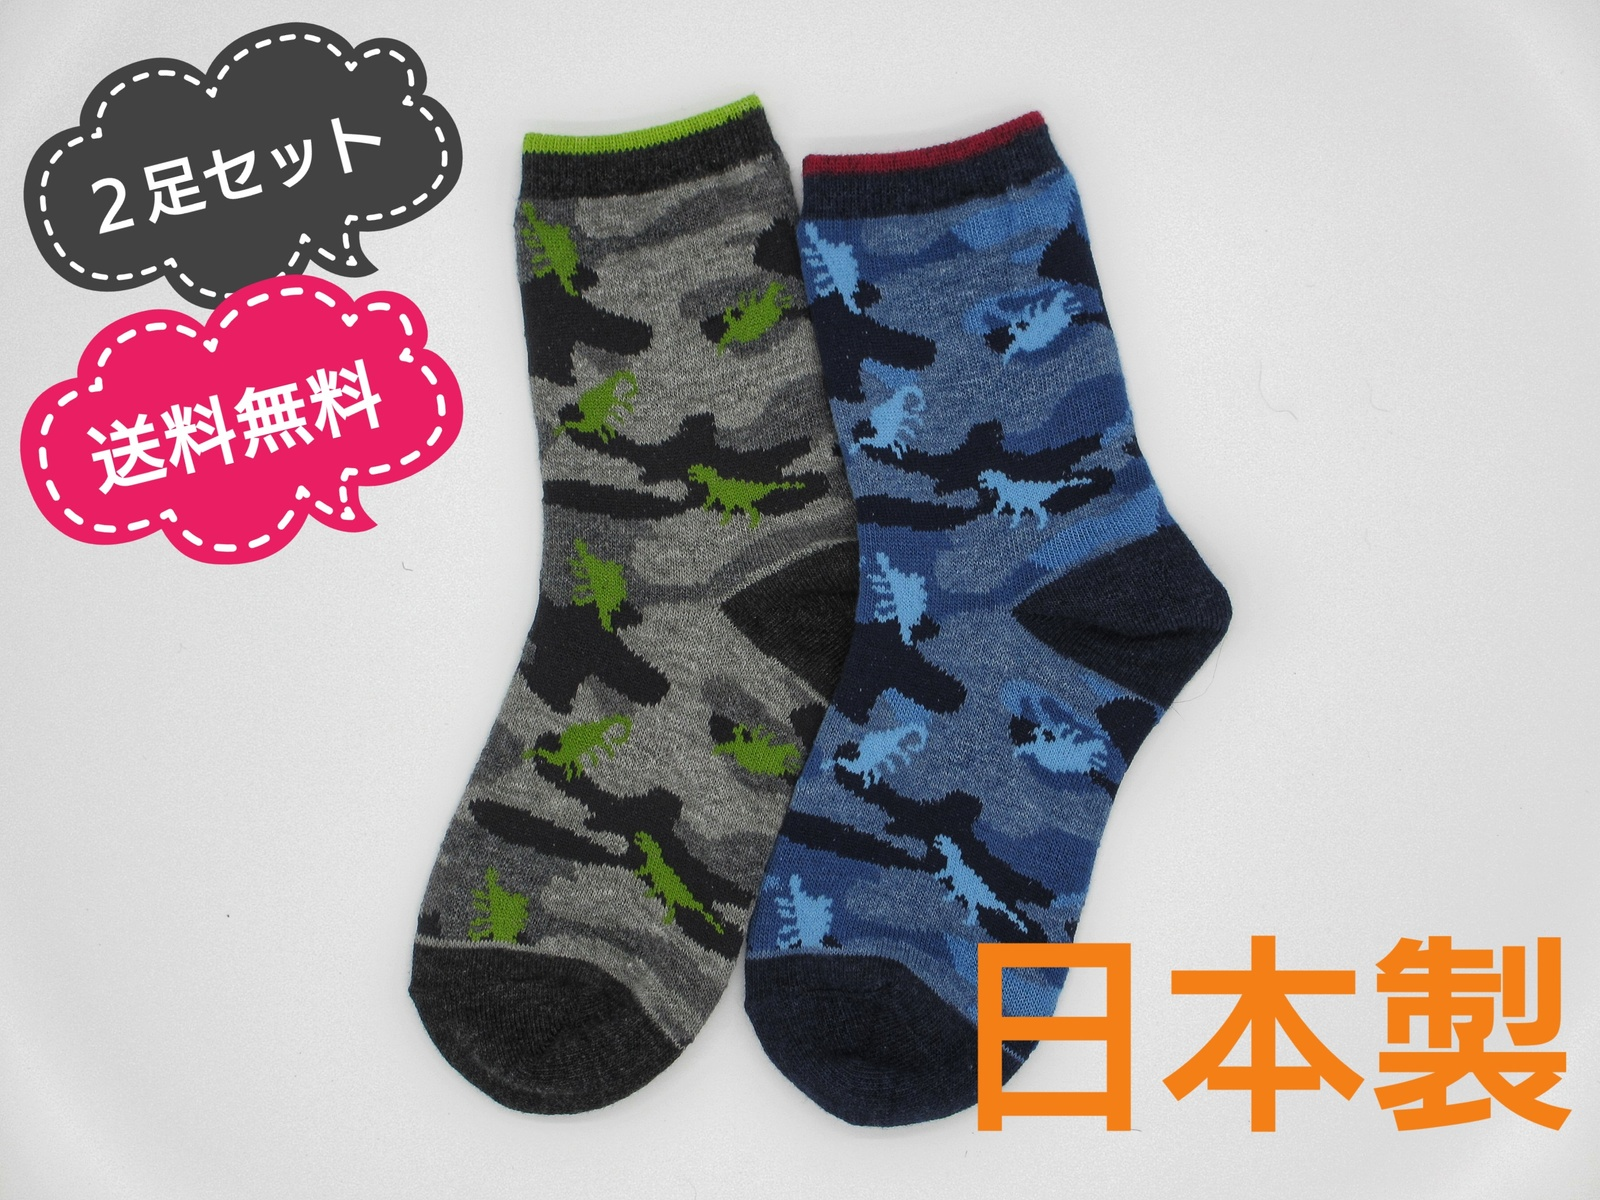 ヤマモトソックス 日本製 2足セット 送料無料 子供 靴下 キッズ 19~22cm バーゲンセール 男の子 子供用靴下 恐竜柄迷彩クルーソックス 恐竜柄迷彩クルーソックス16~18cm 16~18cm 低価格